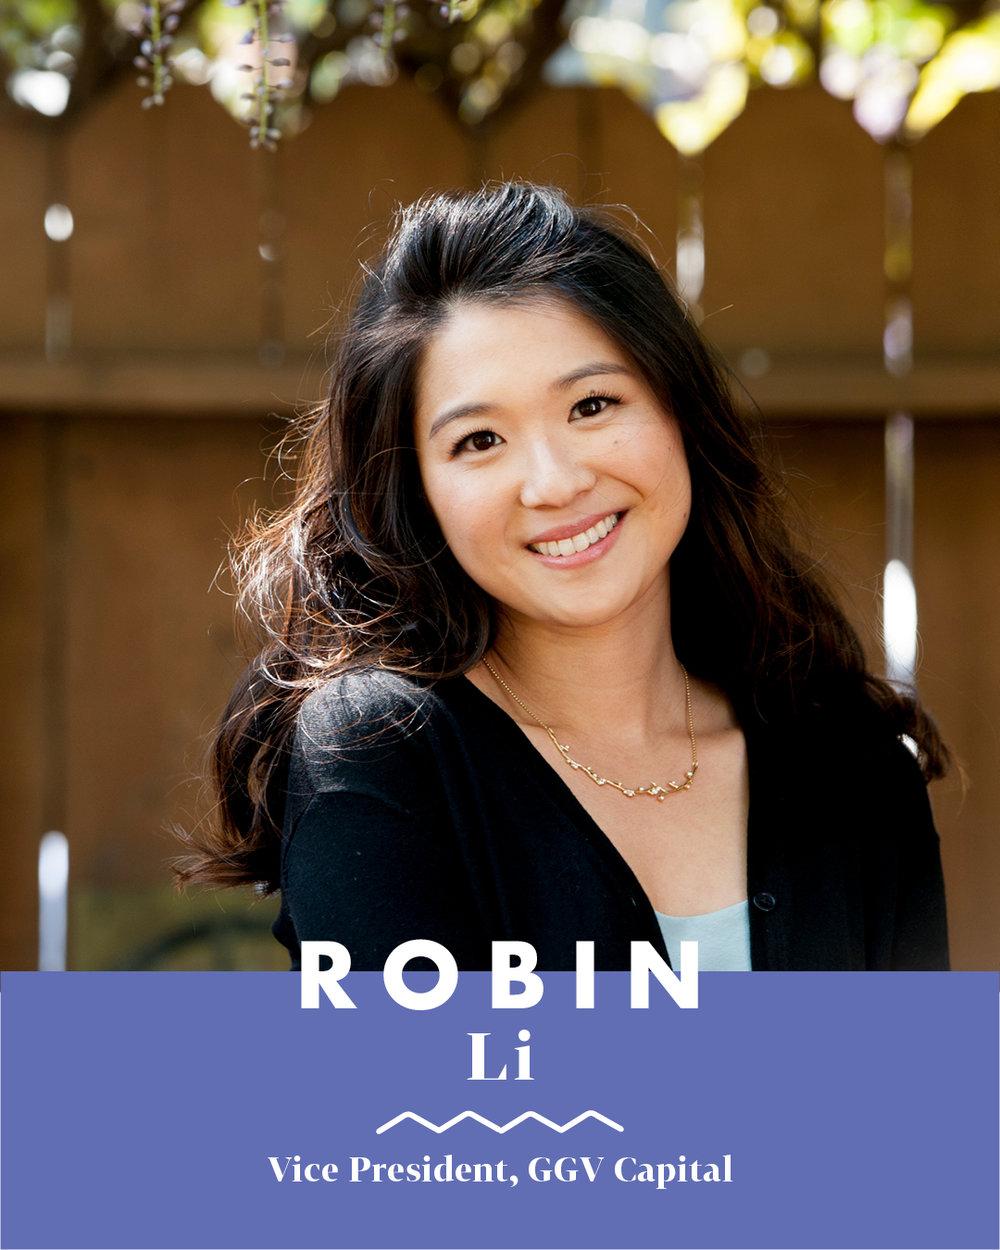 robin-li-purple.jpg